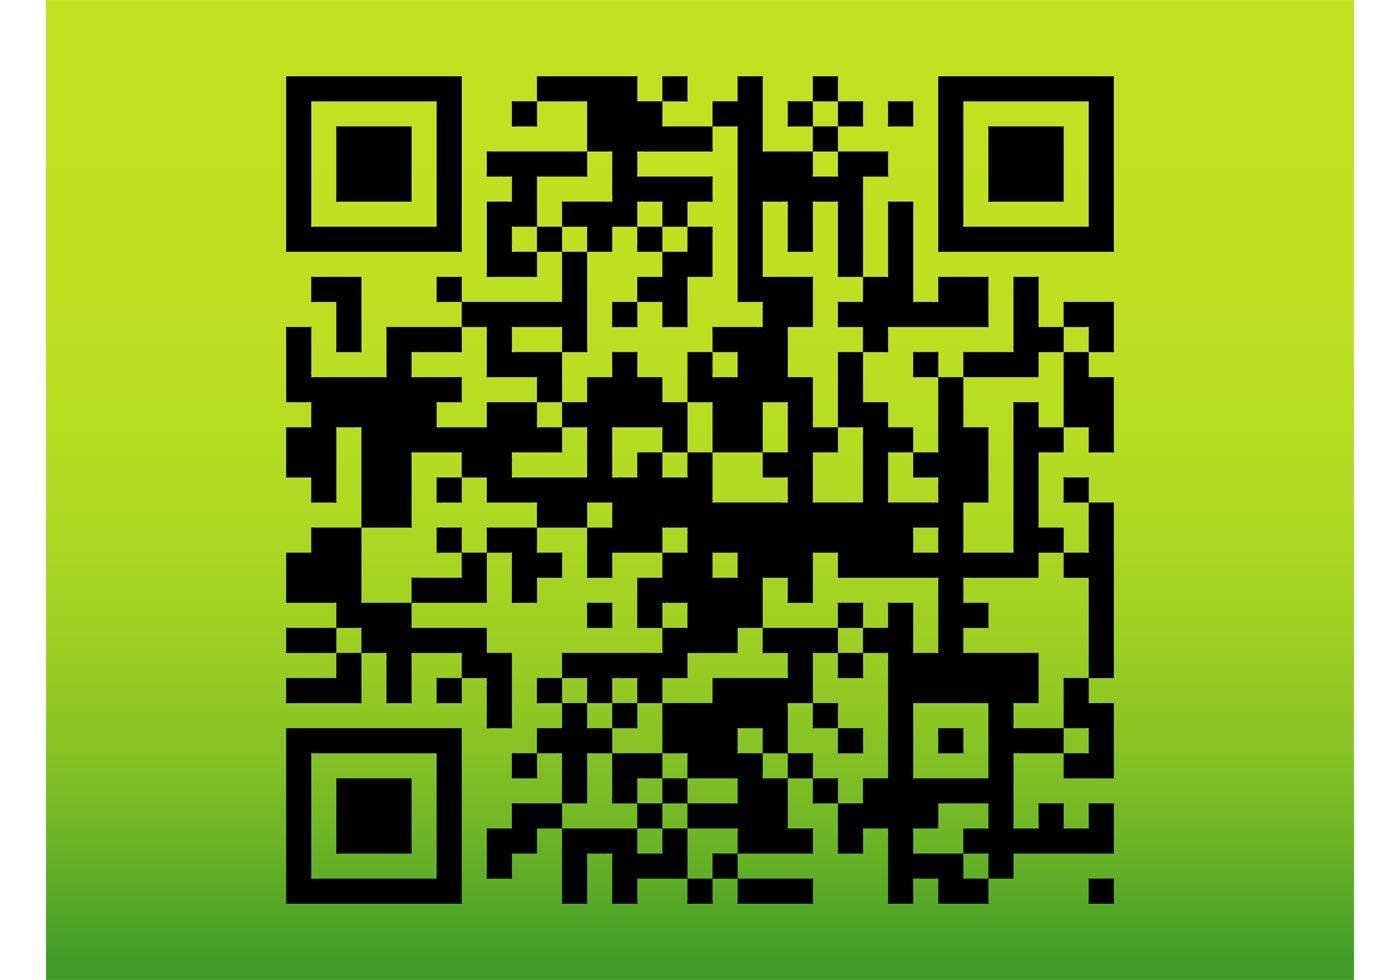 Коды картинок для онлайн игр